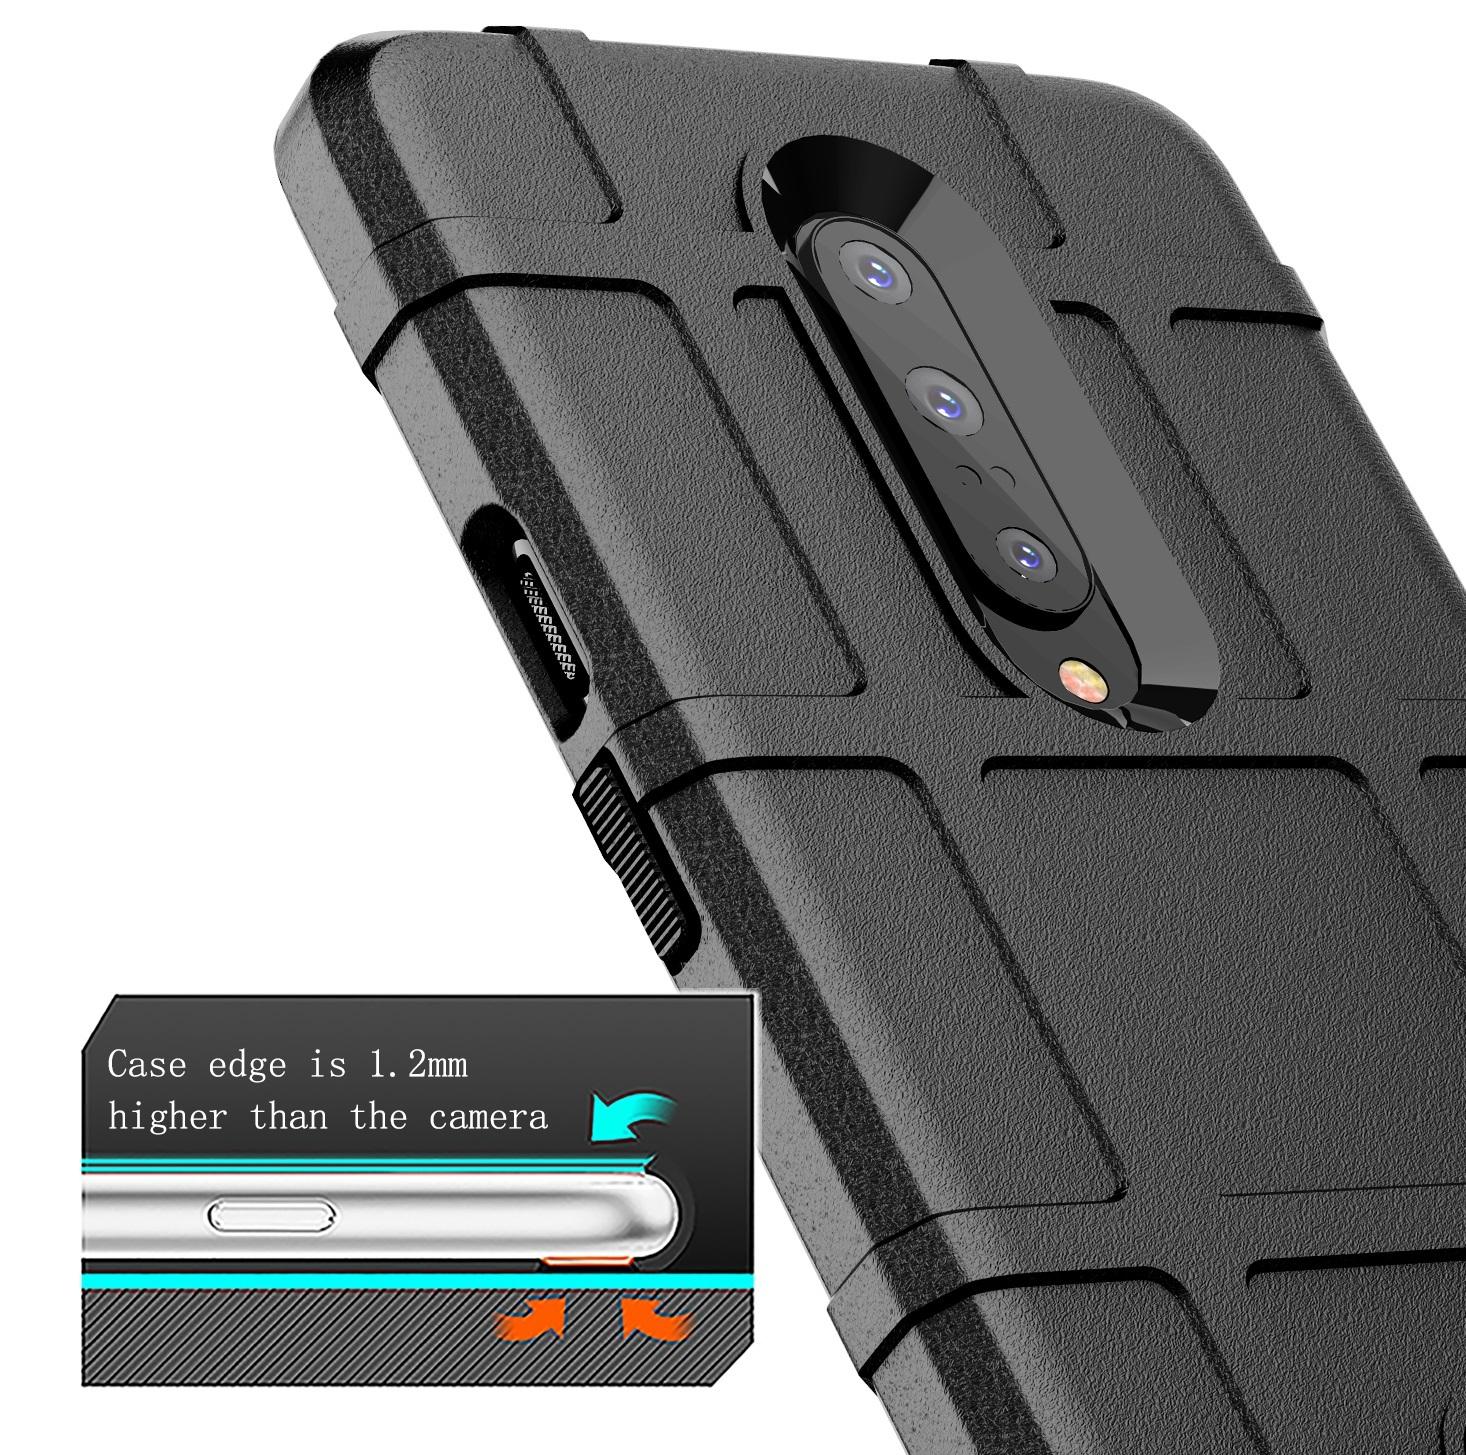 Чехол для OnePlus 7 Pro цвет Black (черный), серия Armor от Caseport